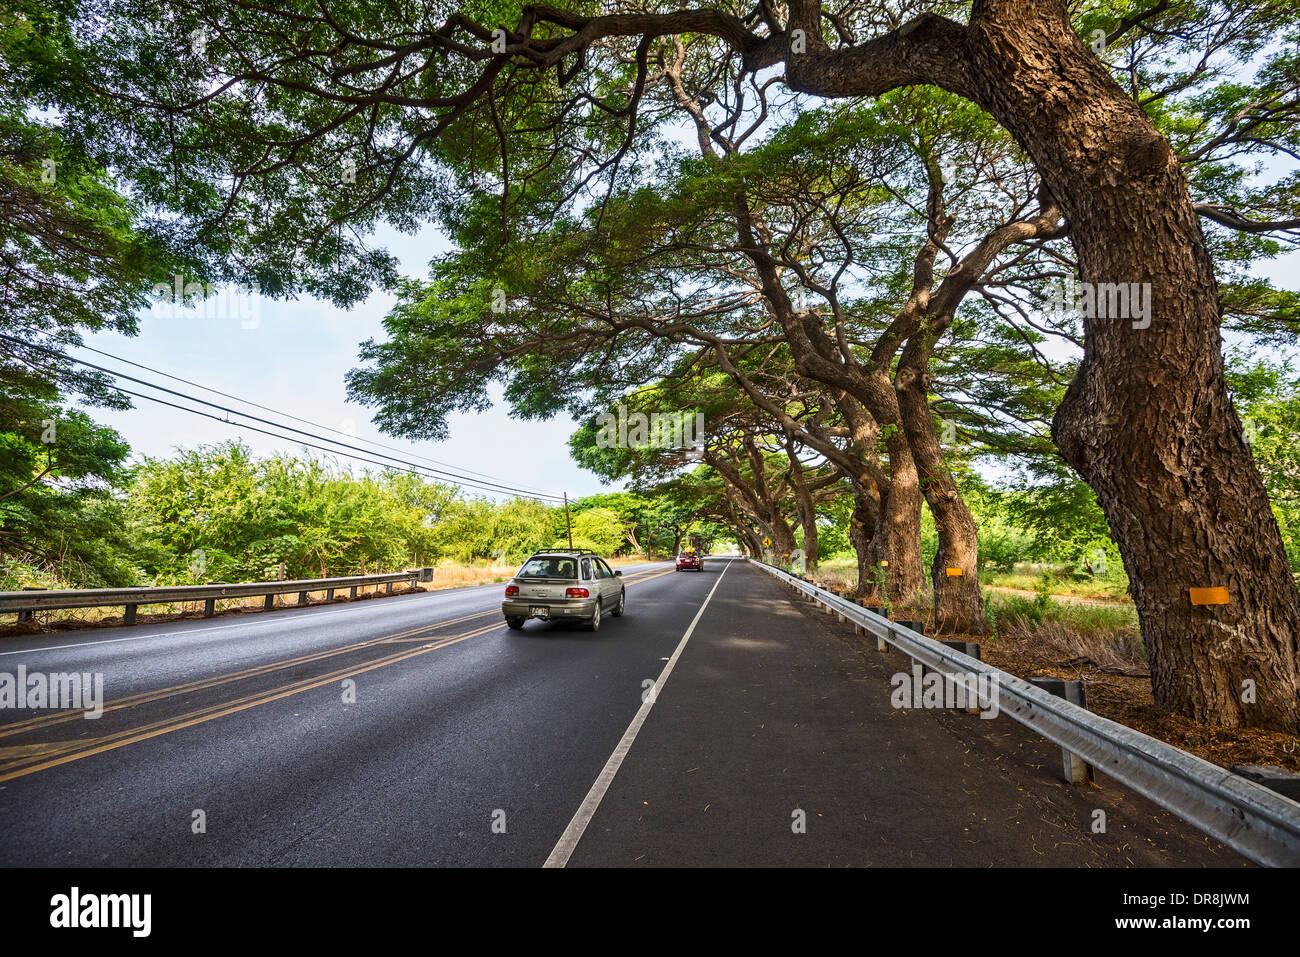 Un hermoso camino bordeado por árboles grandes en la isla de Maui, Hawai. Foto de stock